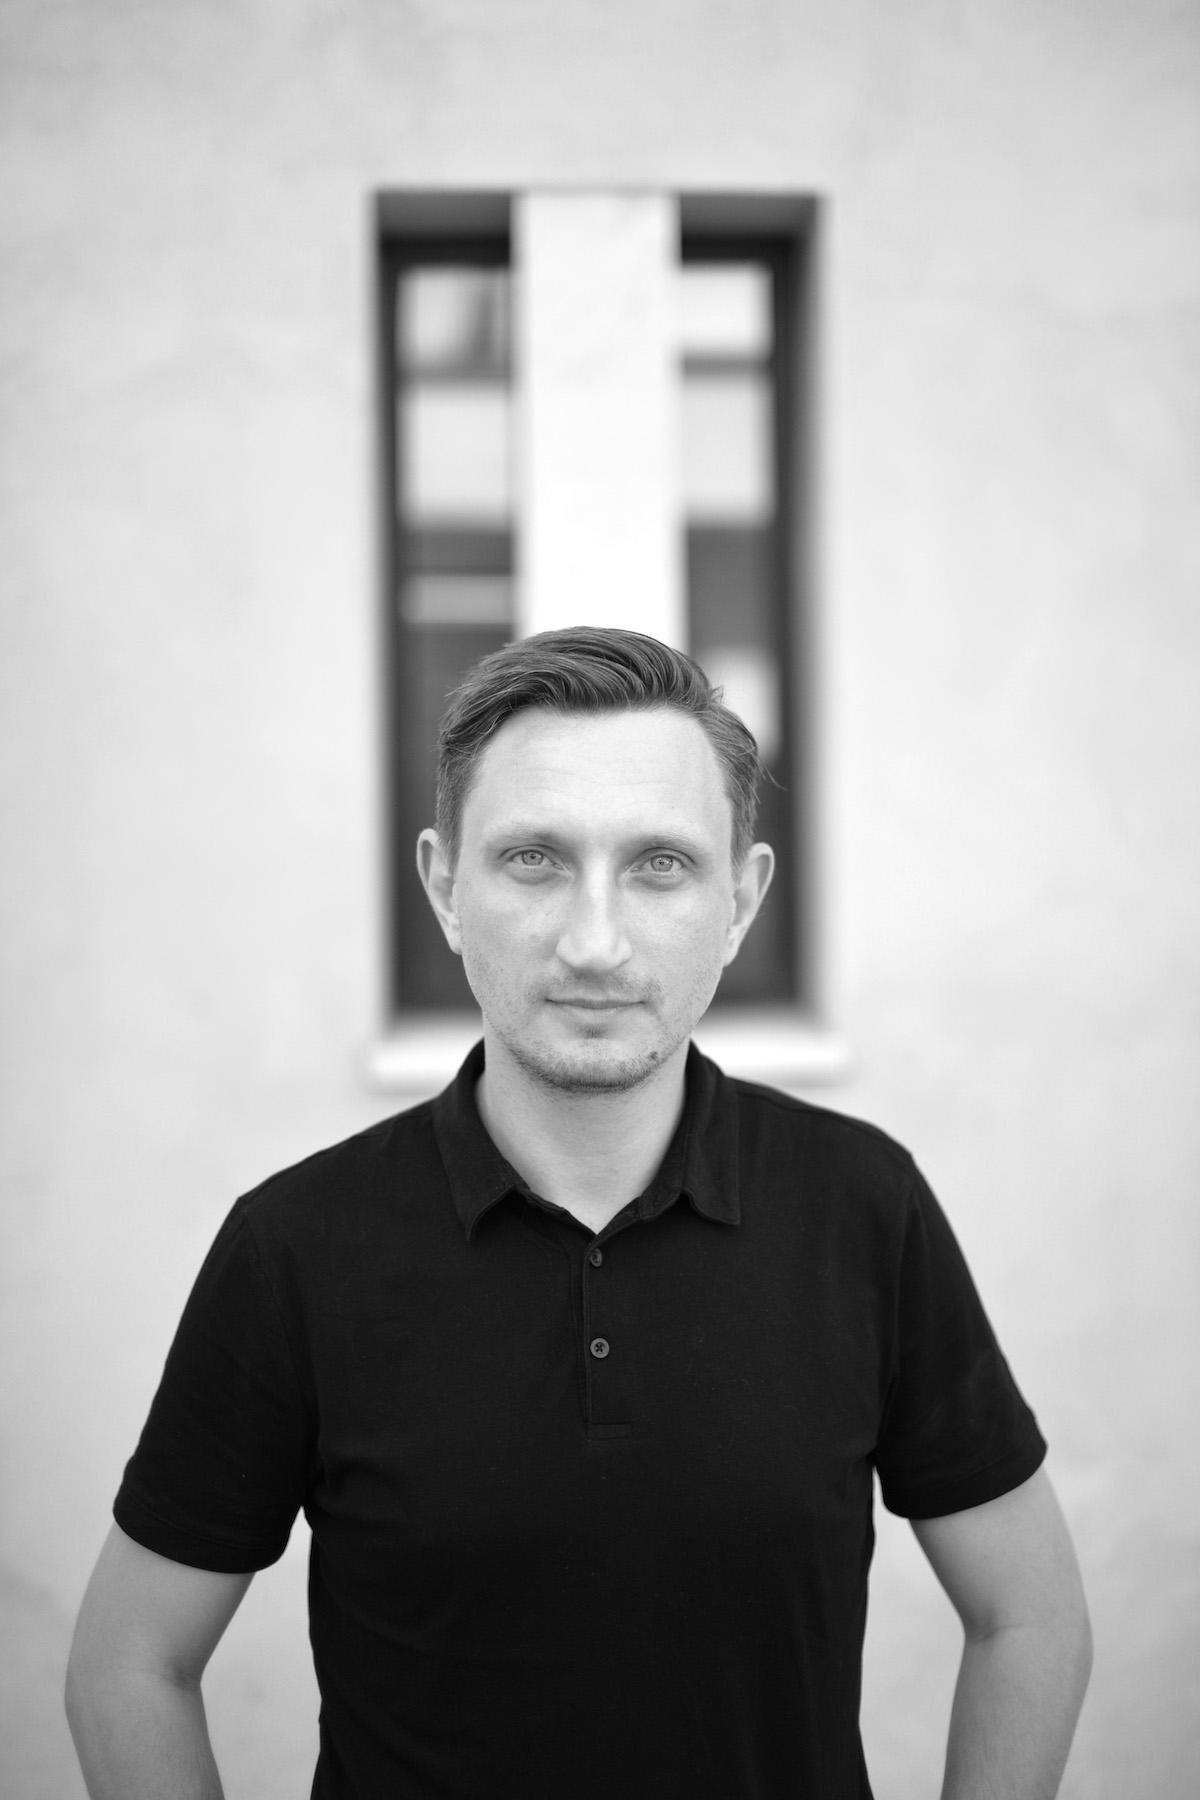 Matěj Benko